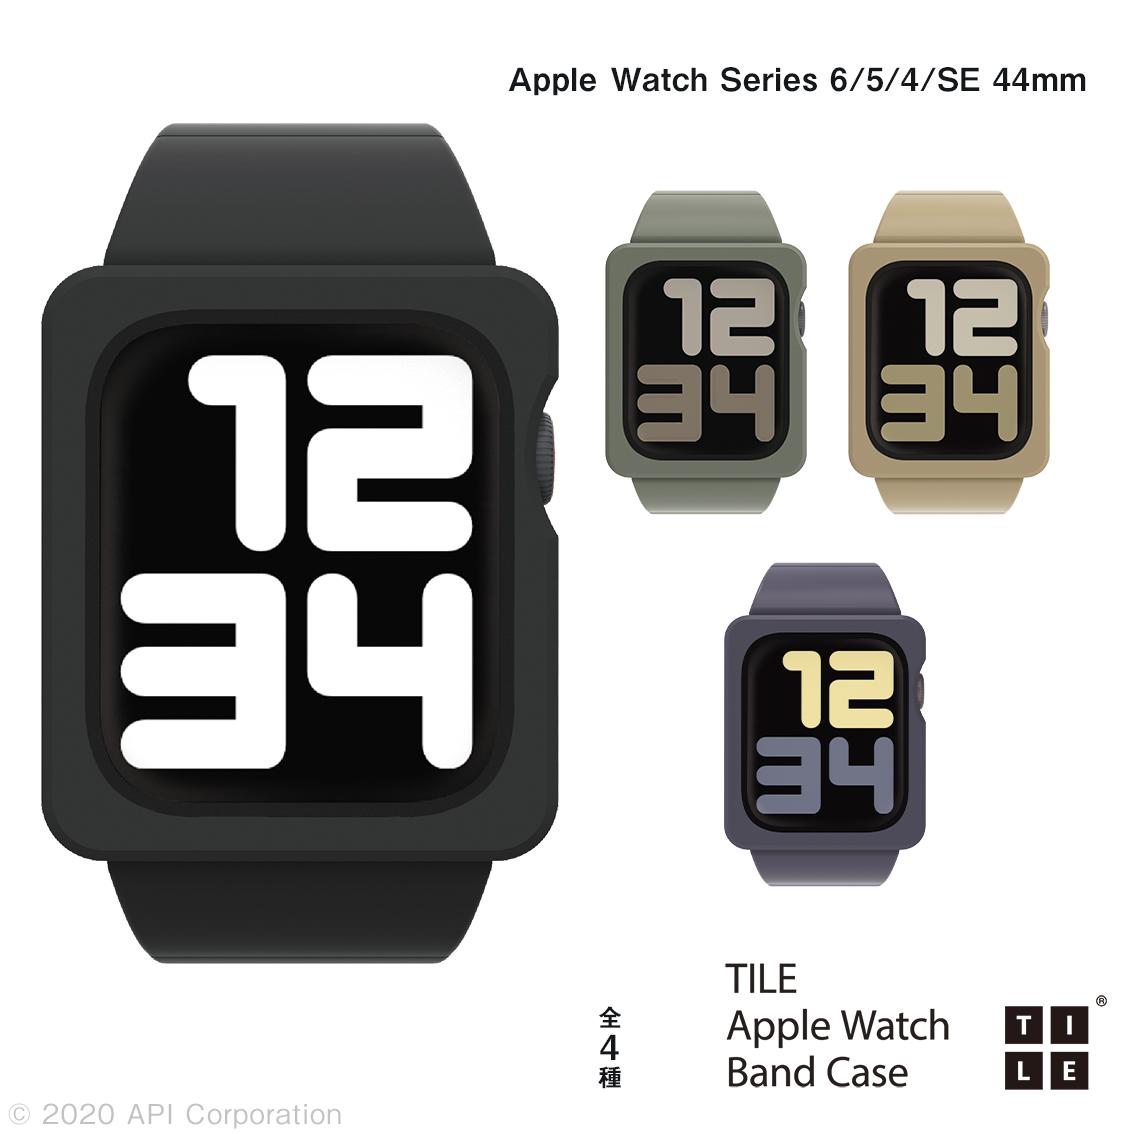 一体型 アップルウォッチケース シンプル おしゃれ 定番キャンバス カラフル 公式ショップ バンド ケース付きバンド TPU スクエア型 TILE EYLE アップルウォッチ AppleWatch 4 一体型バンド 44mm アップルウォッチバンド 6 Series Apple Watch 5 SE